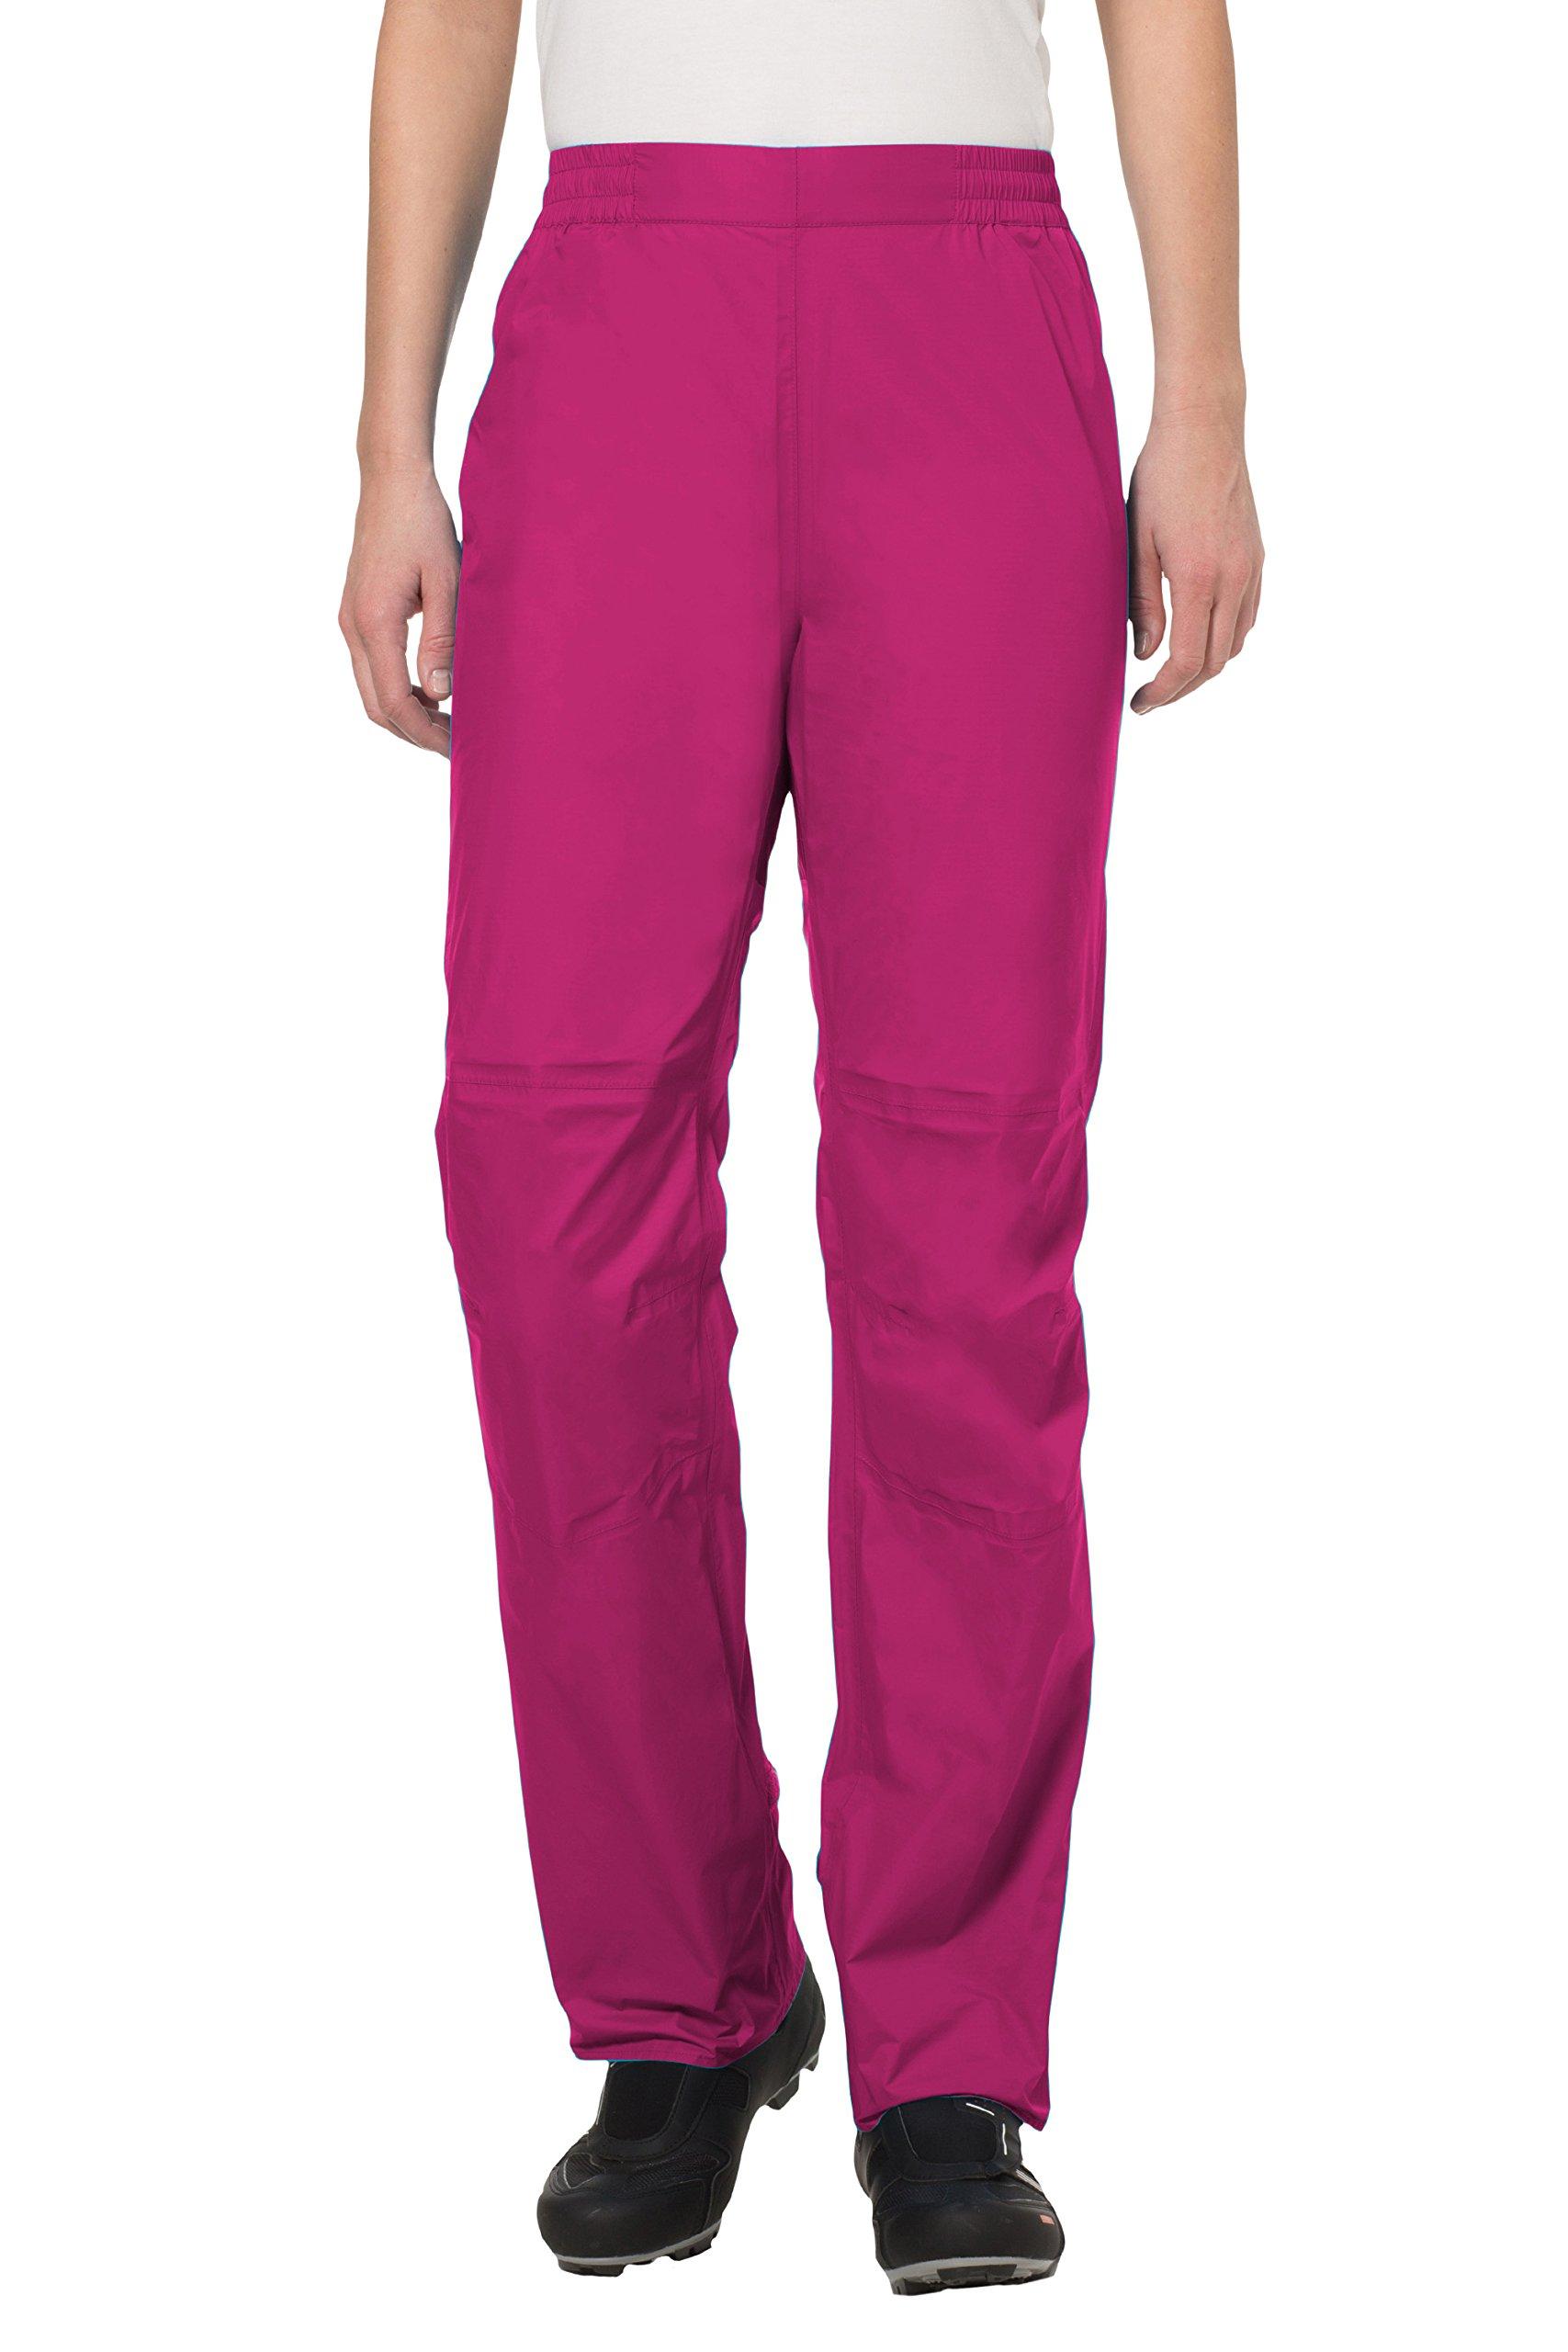 VAUDE Women's Drop II Pants, Grenadine, 36